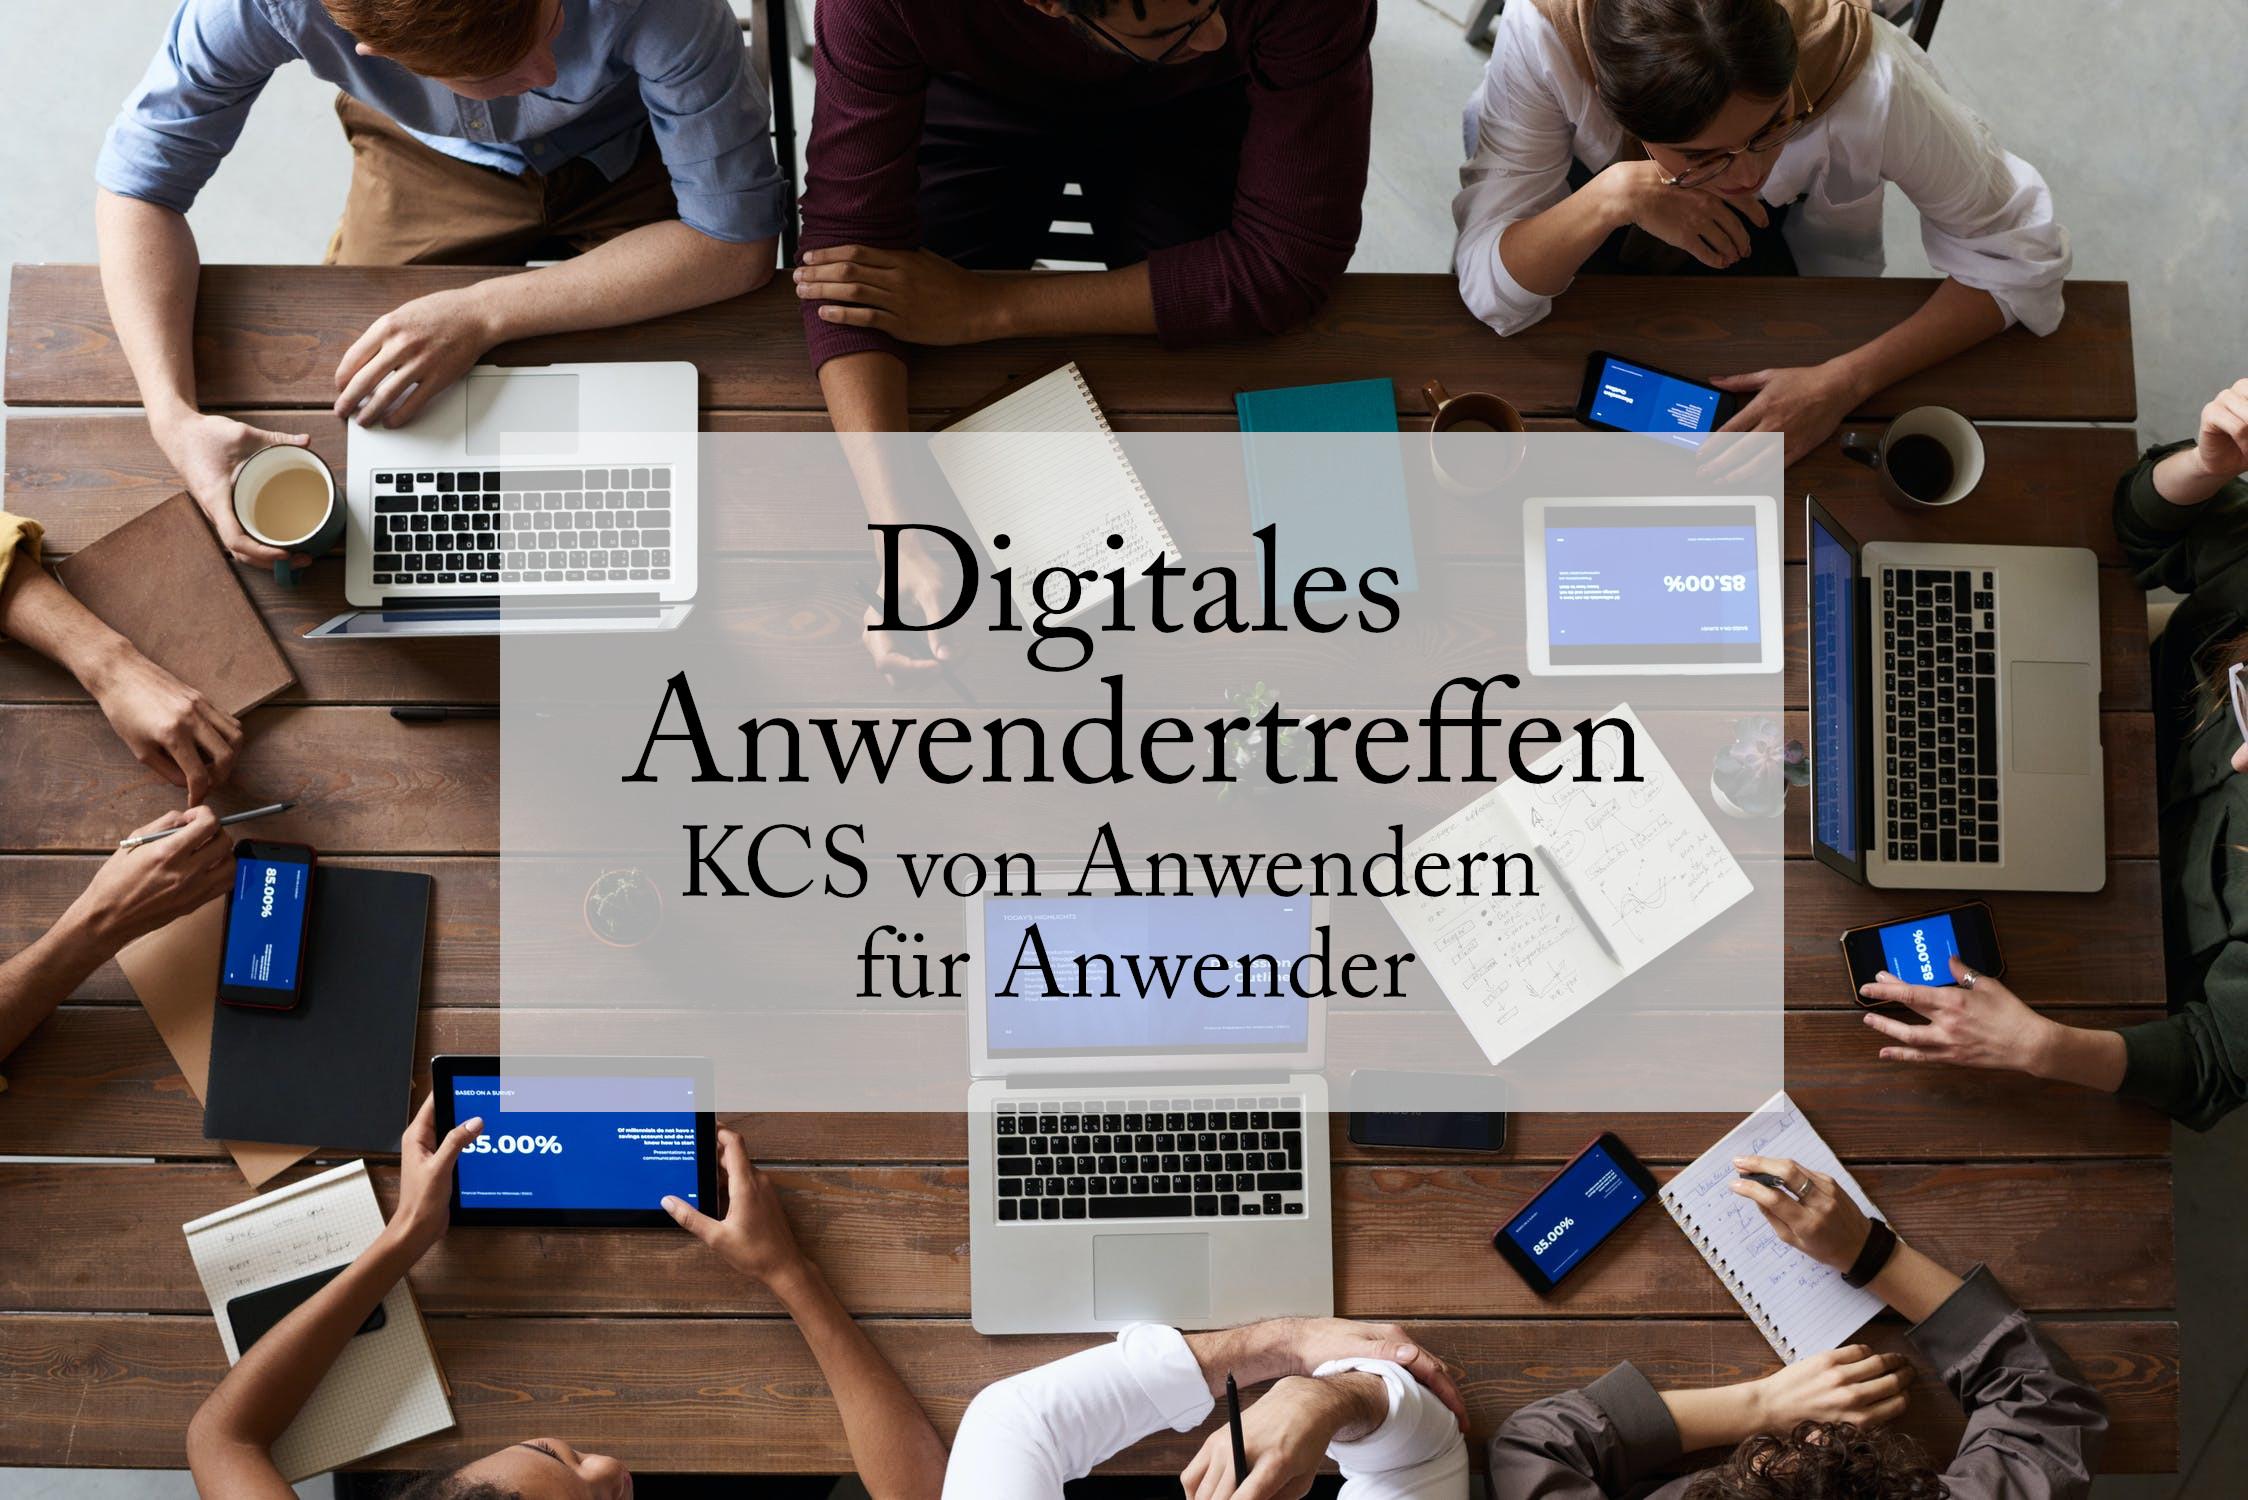 Unser digitales Amwendertreffen findet alle 2 Monate statt.